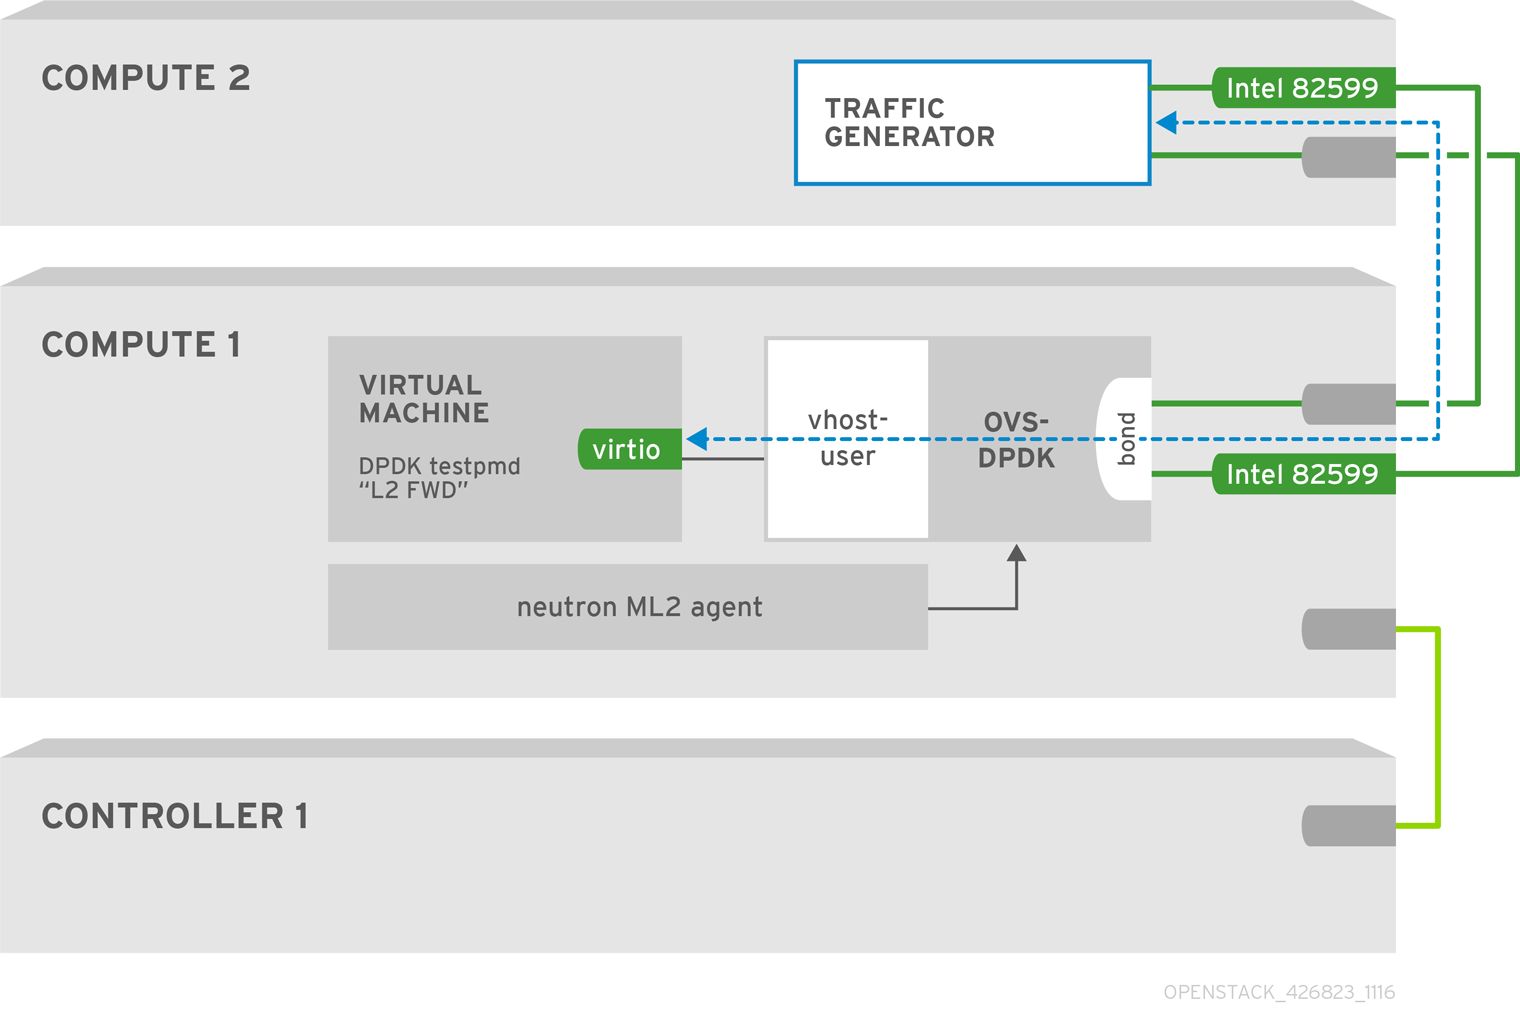 OpenStack NFV Config Tuning 426823 1116 JCS OVS DPDK